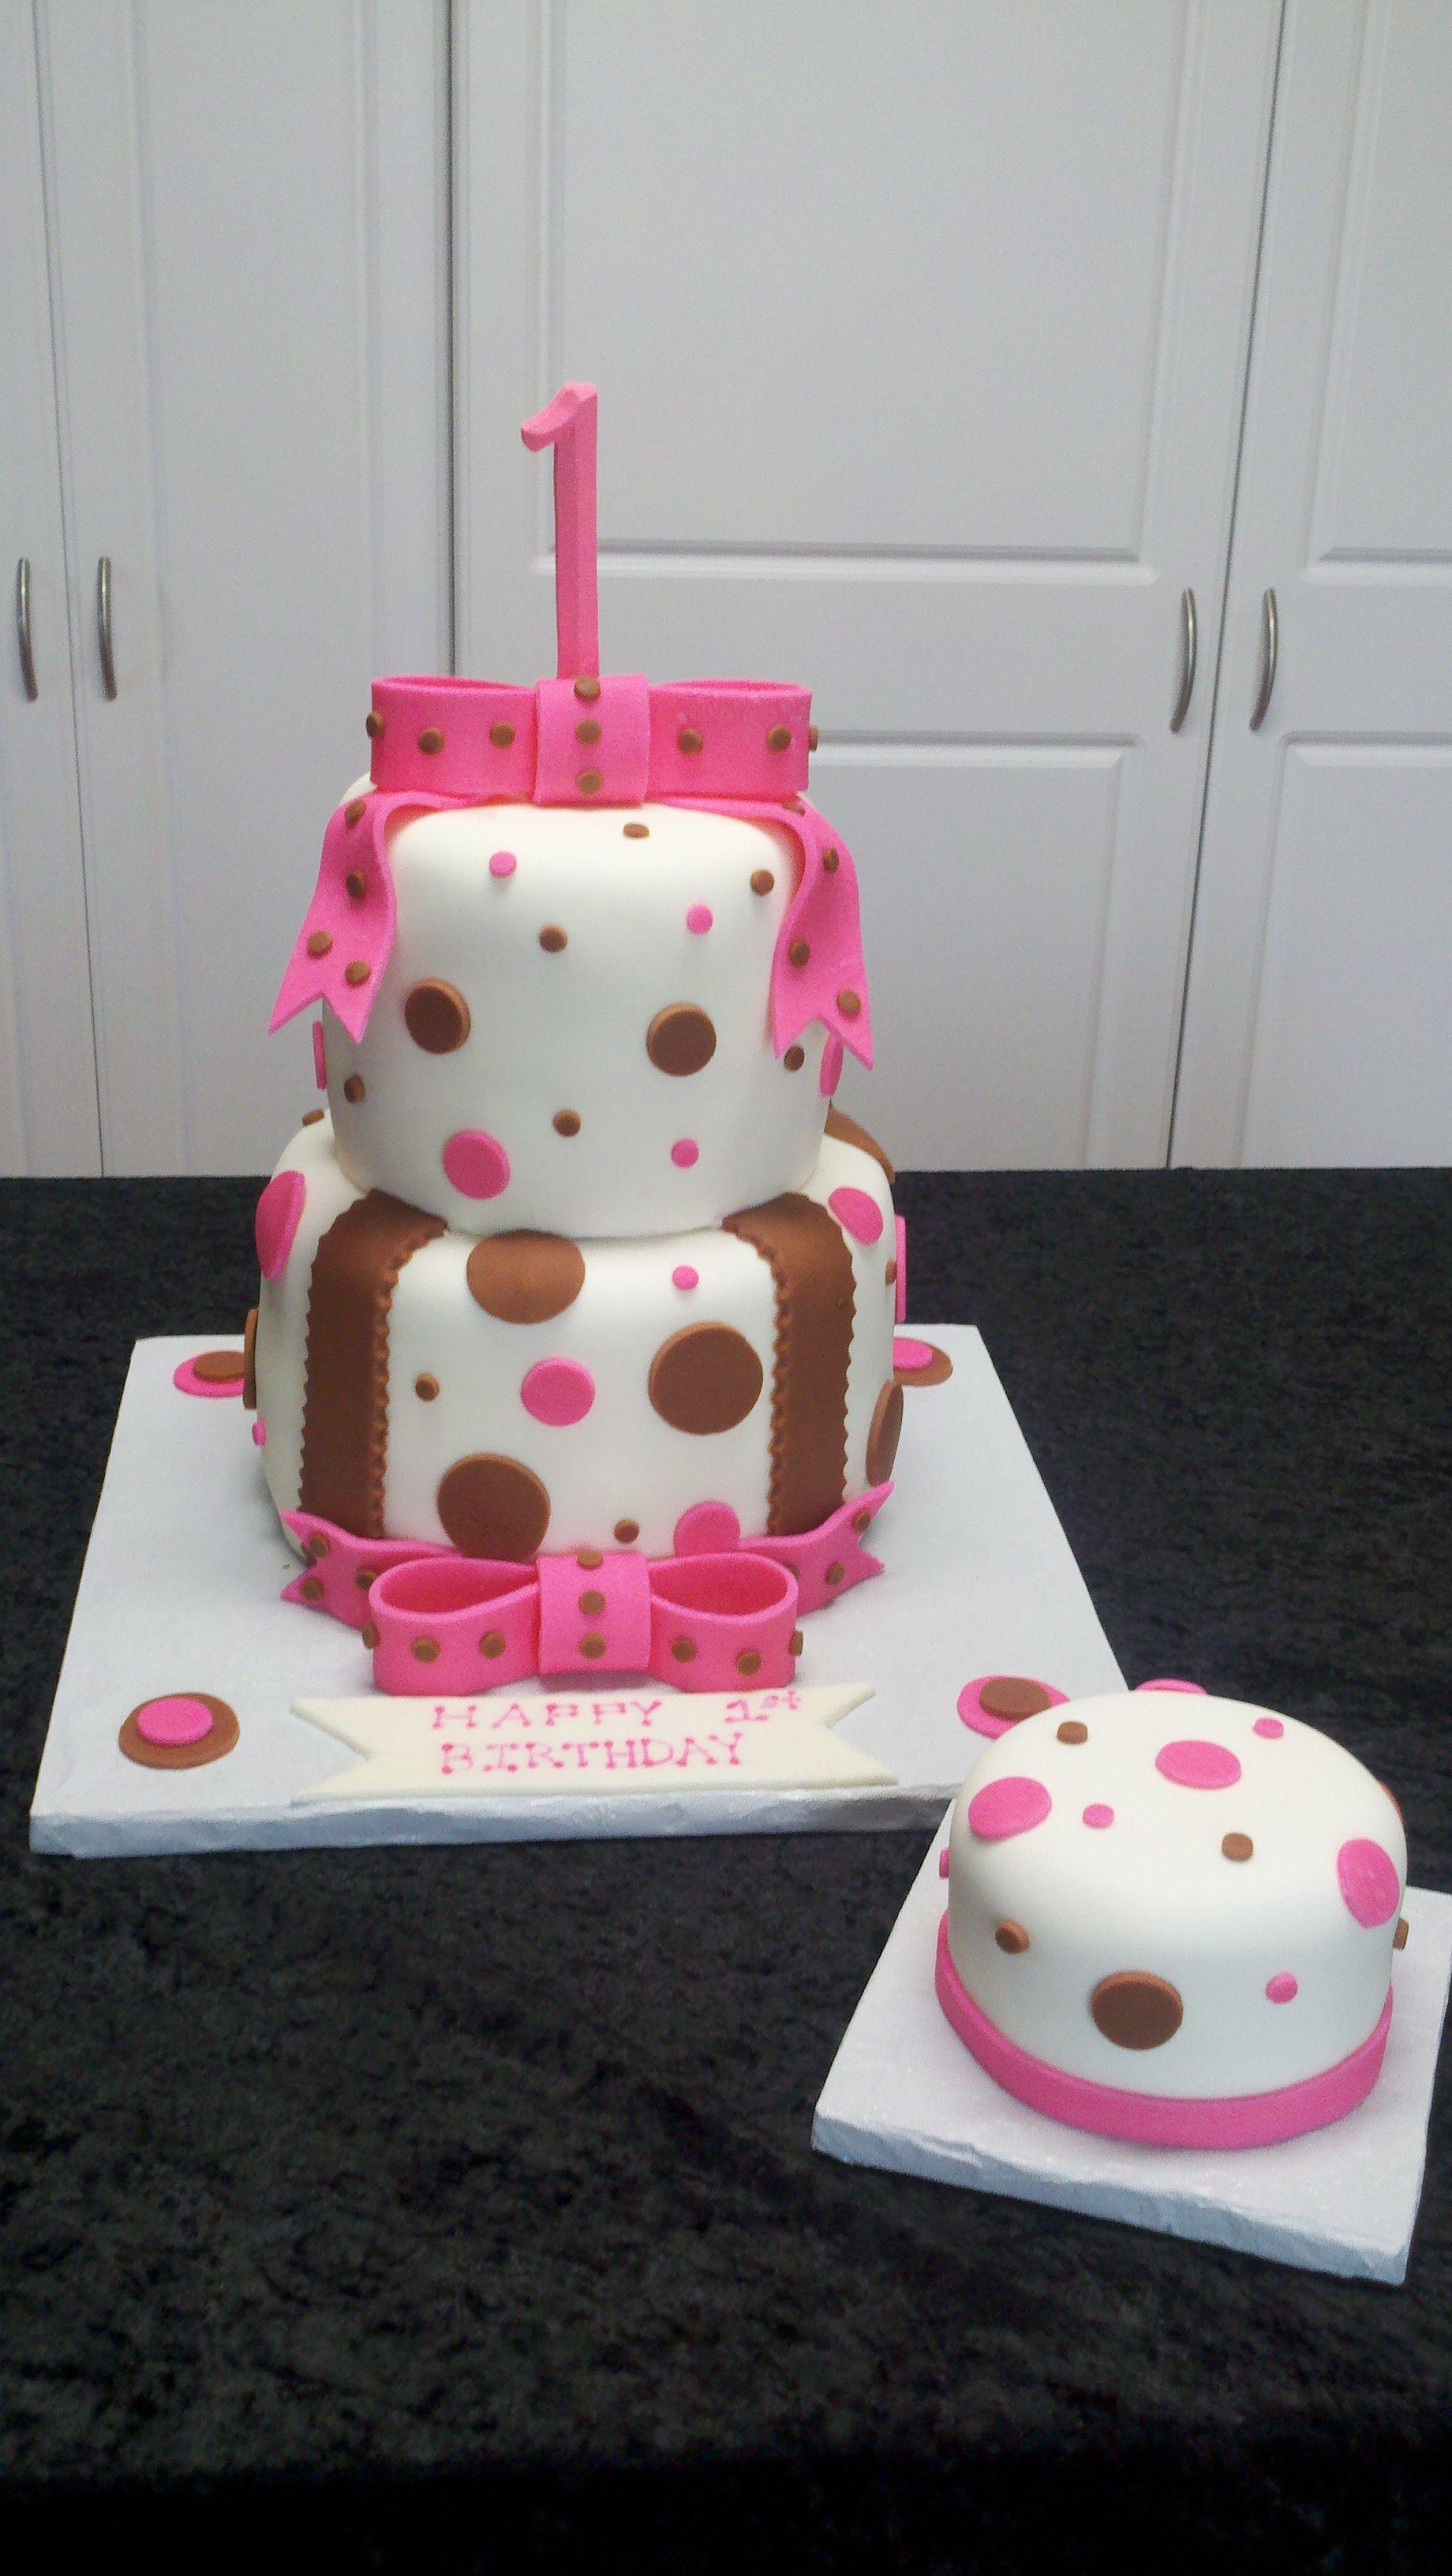 First bday cake with smash cake cake baking cake smash